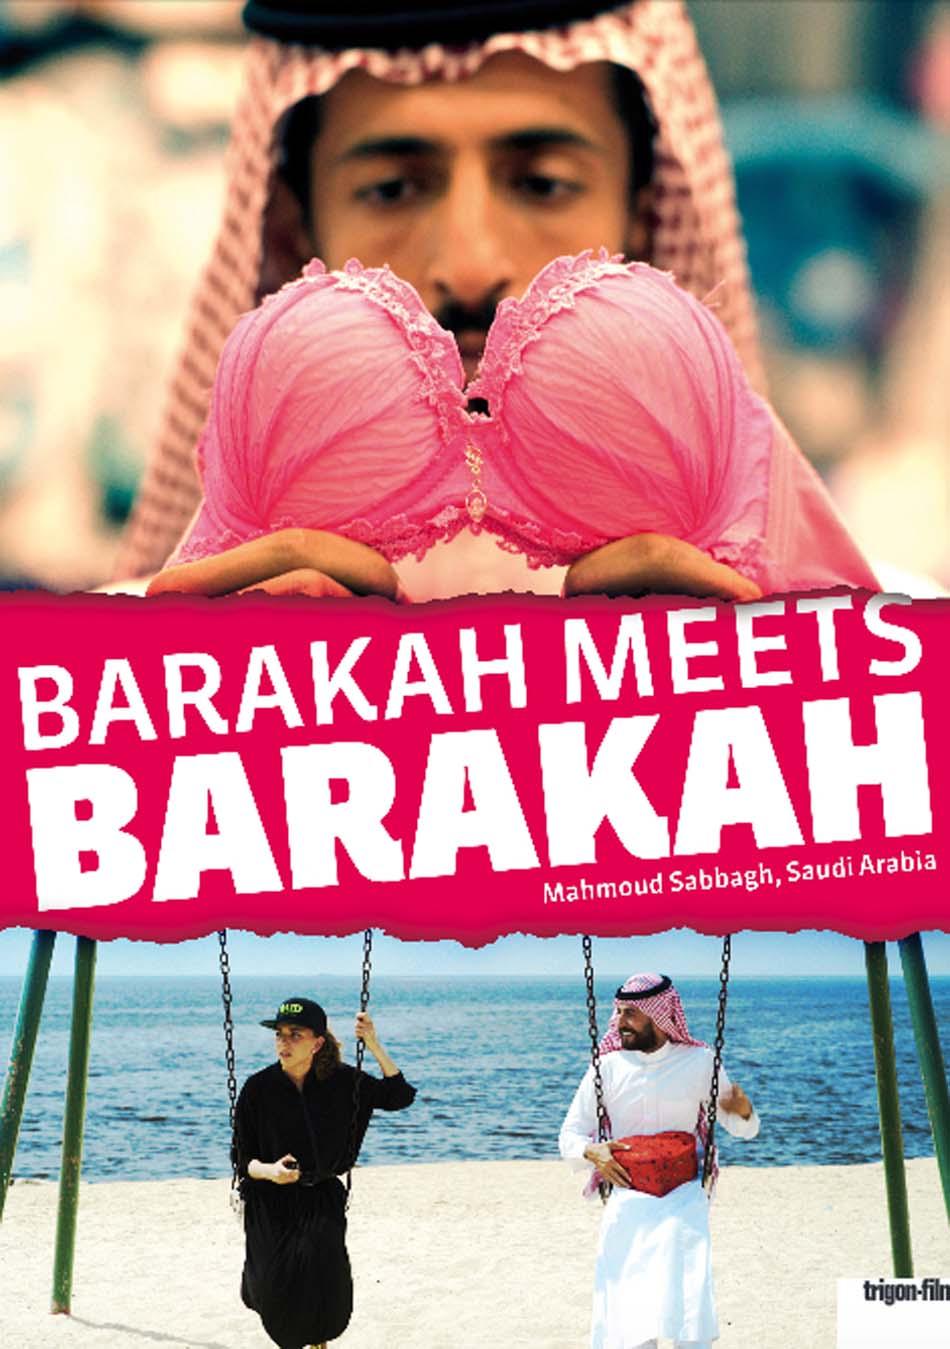 Image result for barakah meets barakah